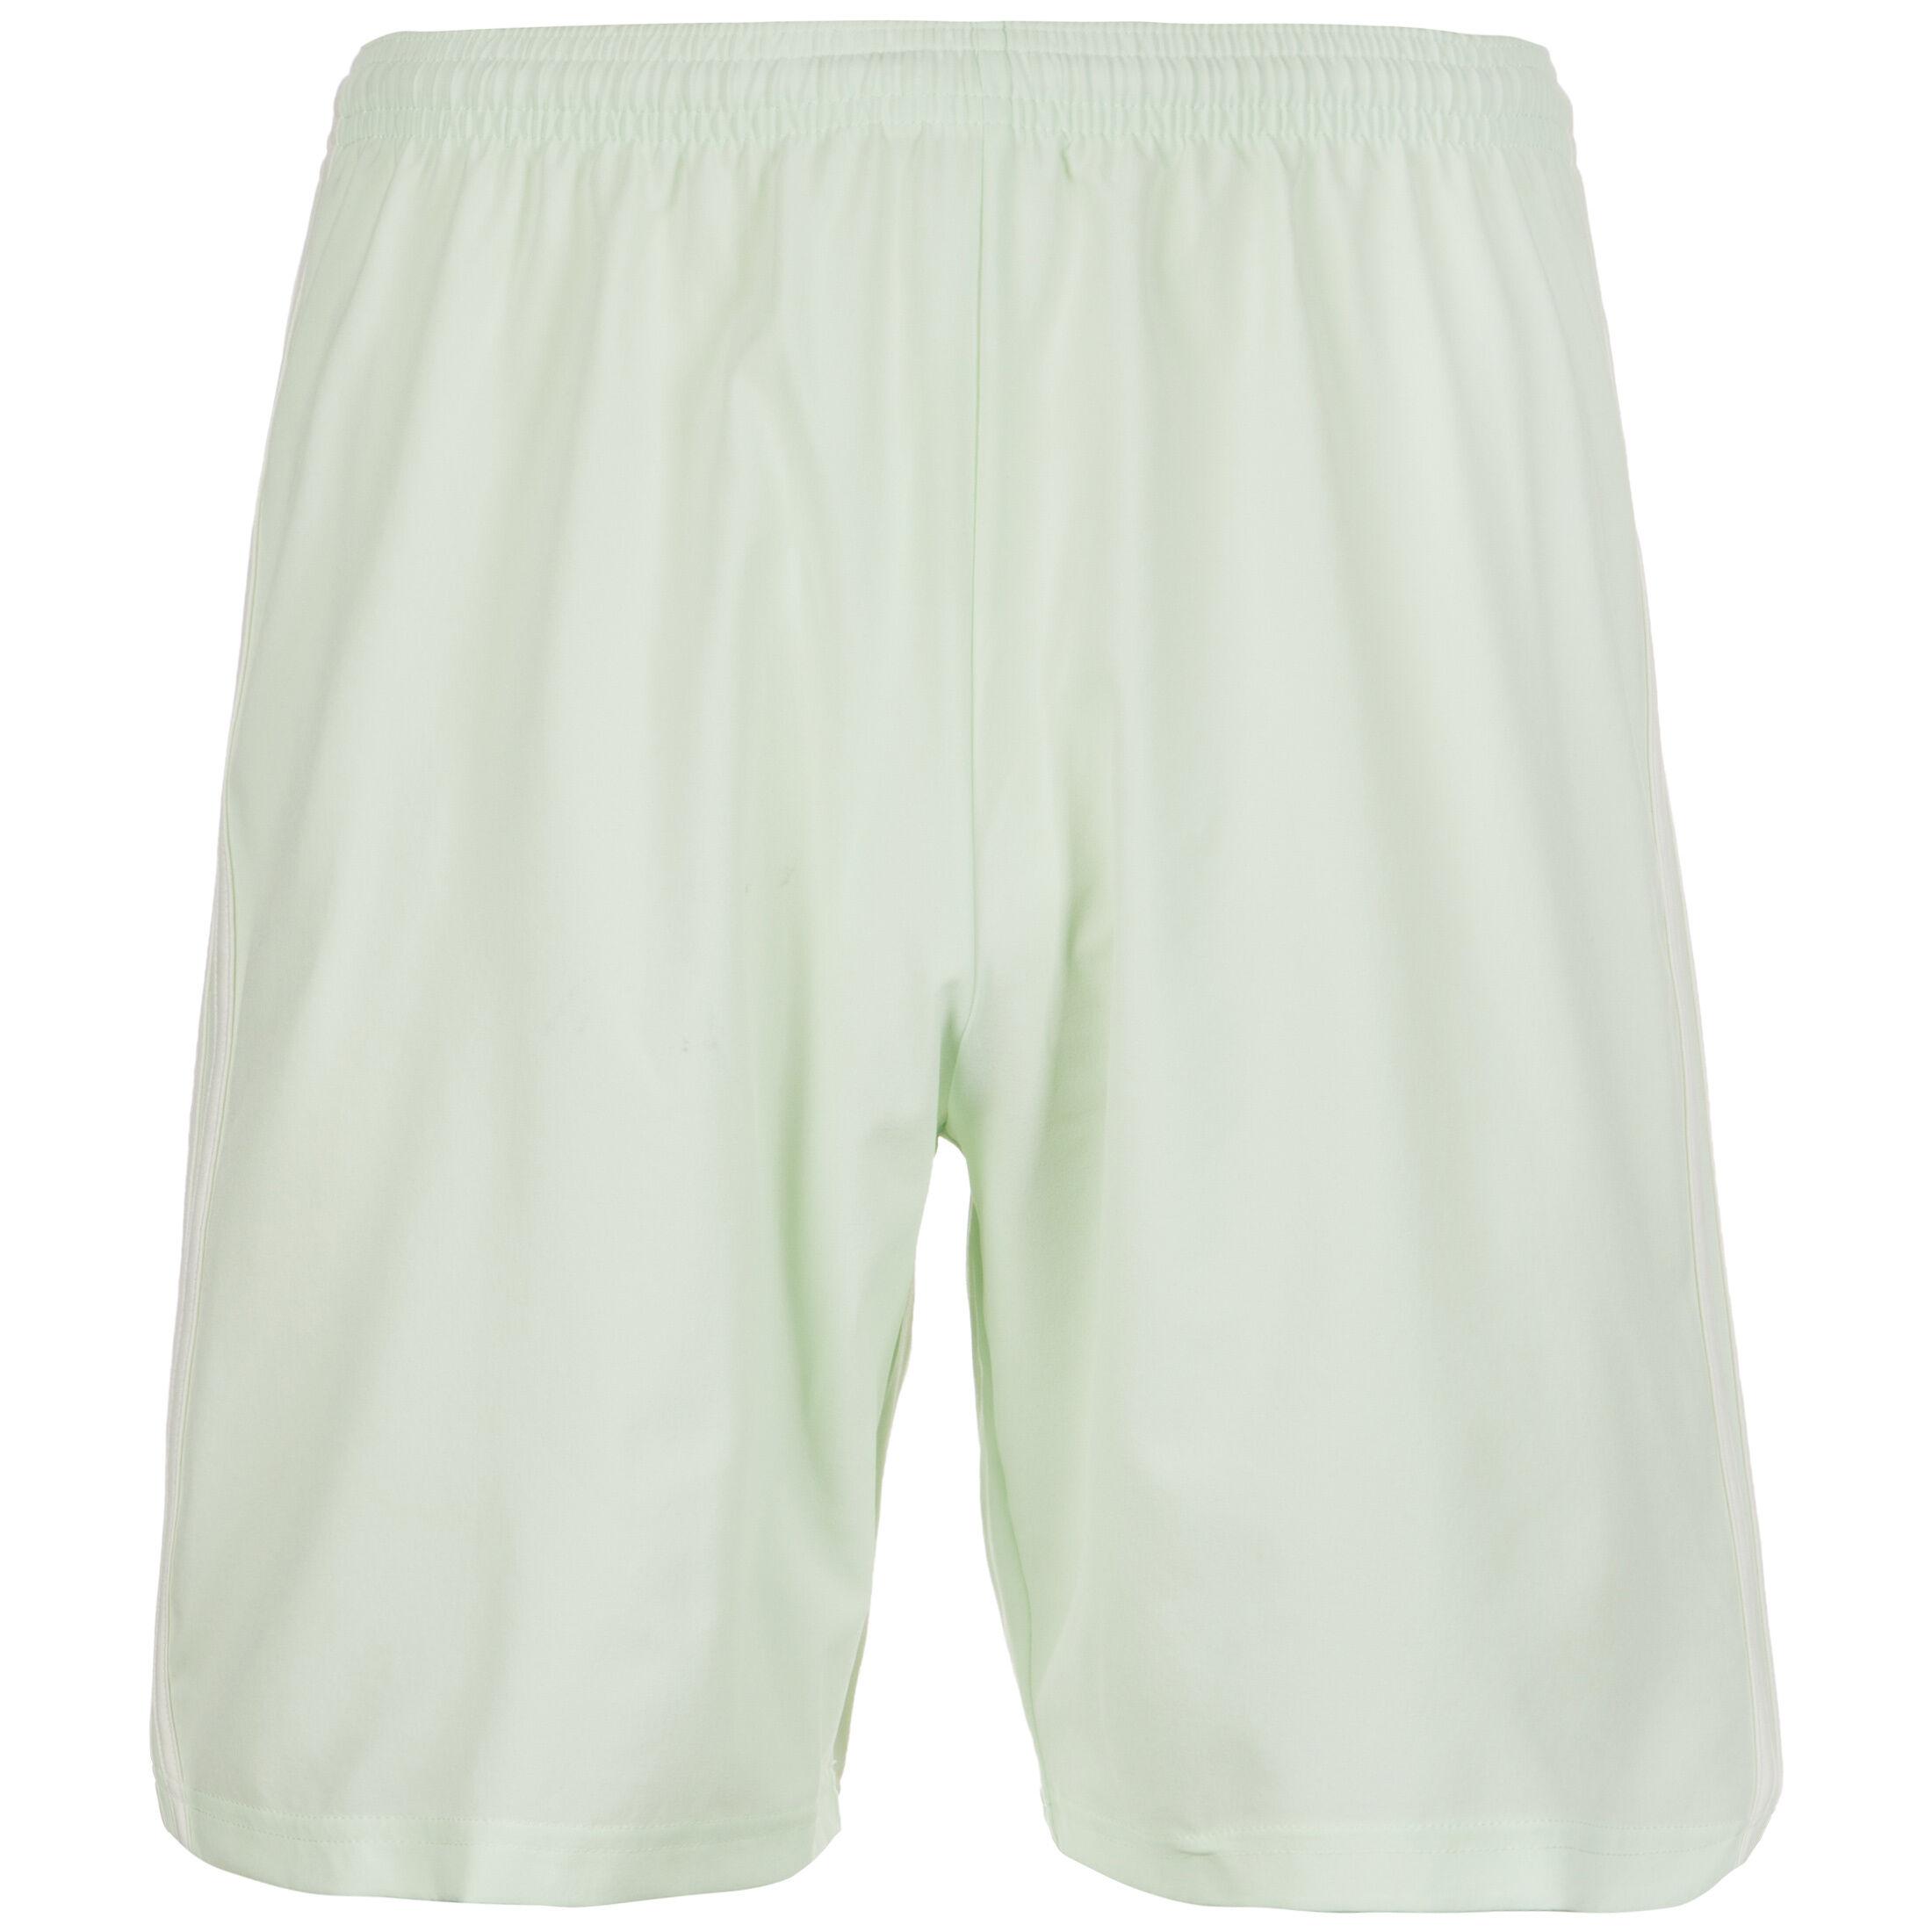 Shorts kaufen Grün   Fußballbekleidung bei OUTFITTER